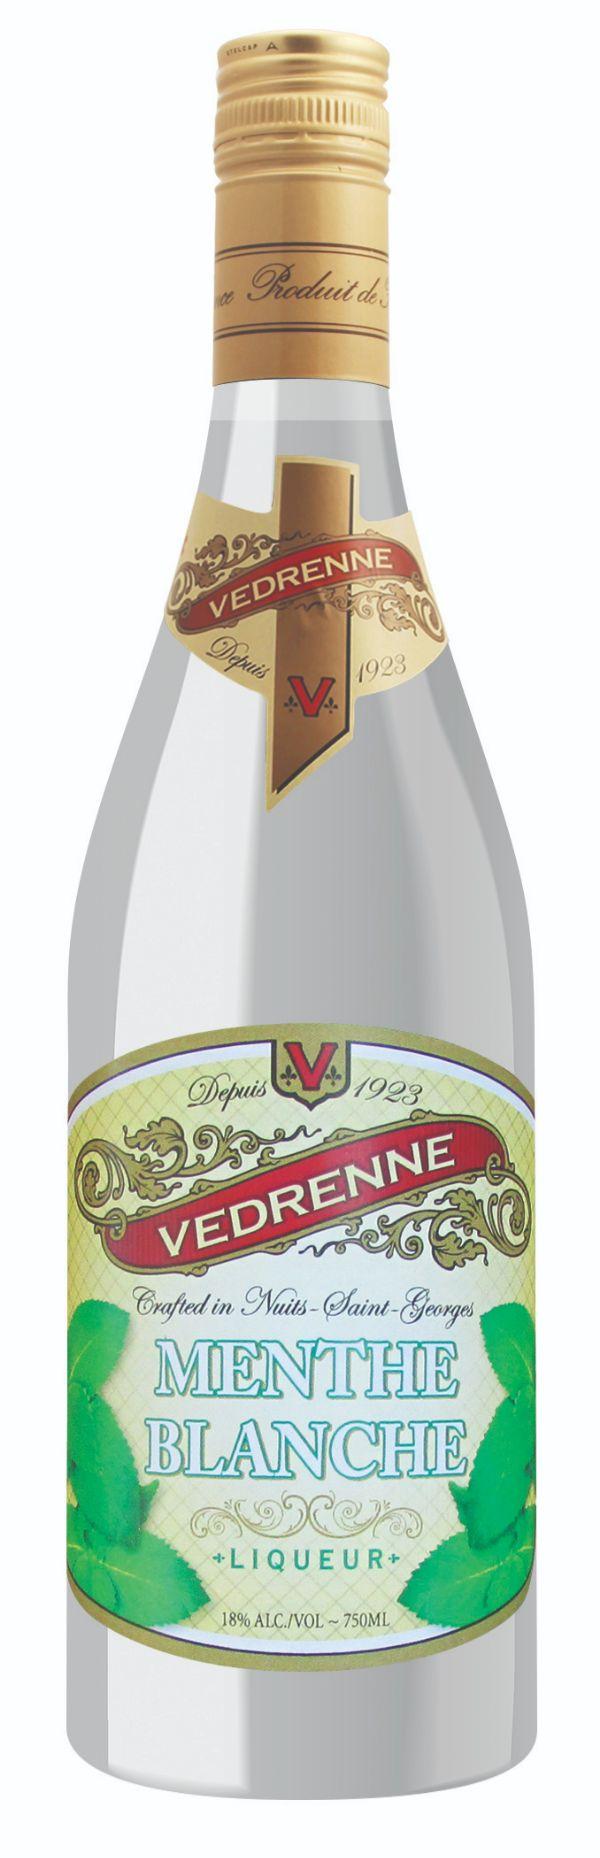 Vedrenne Menthe Blanche Liqueur